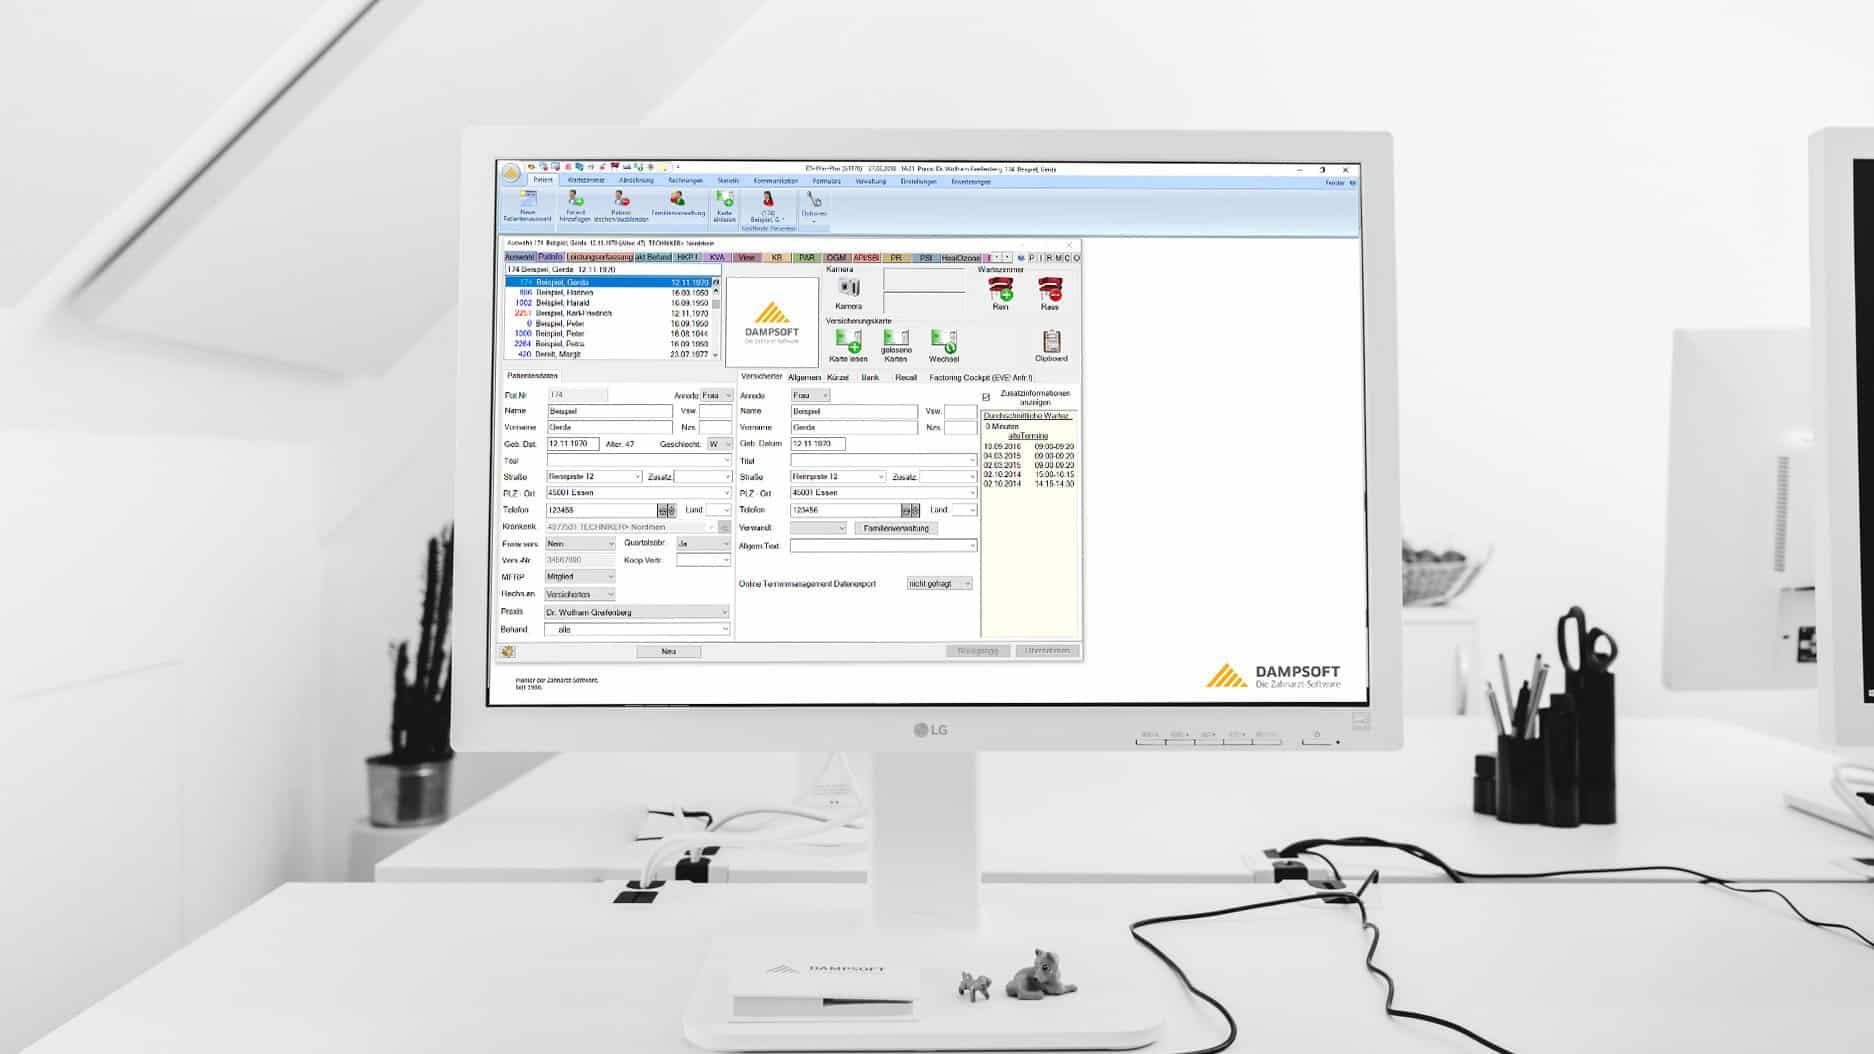 Dampsoft – Software